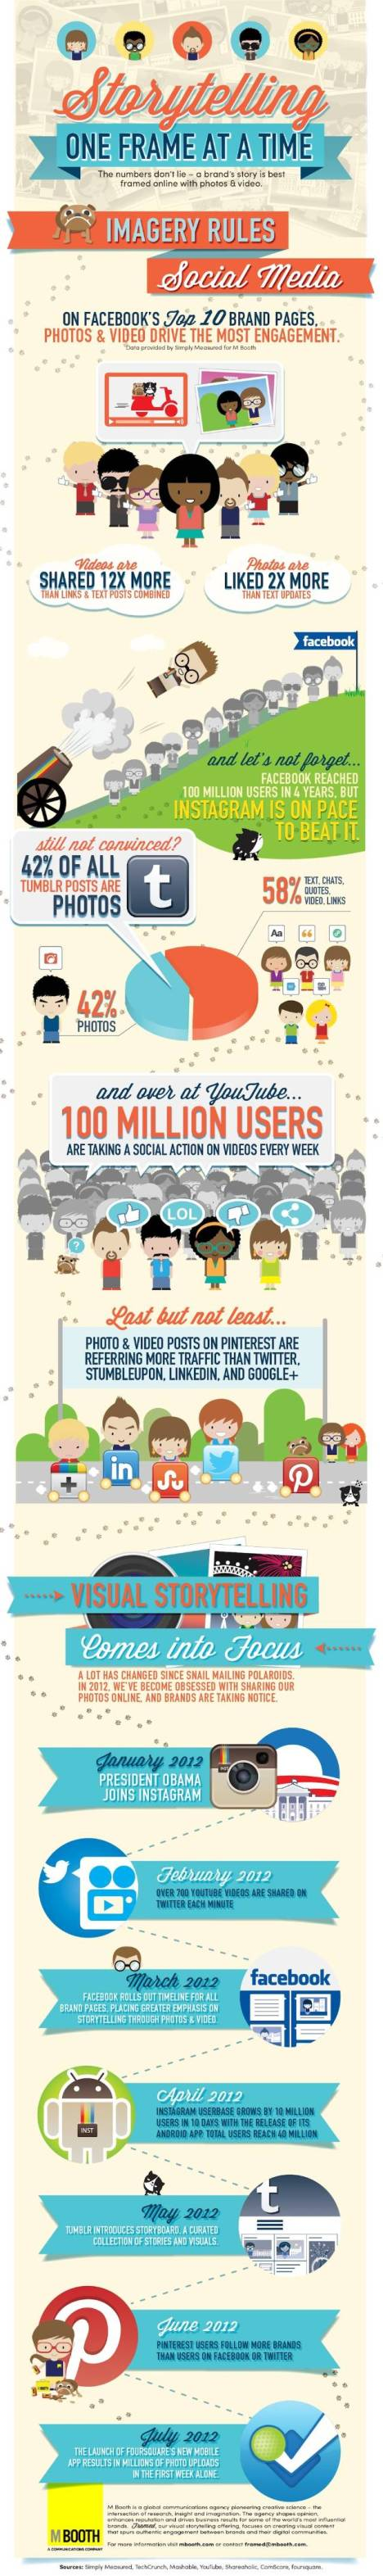 contenido que funciona en redes sociales